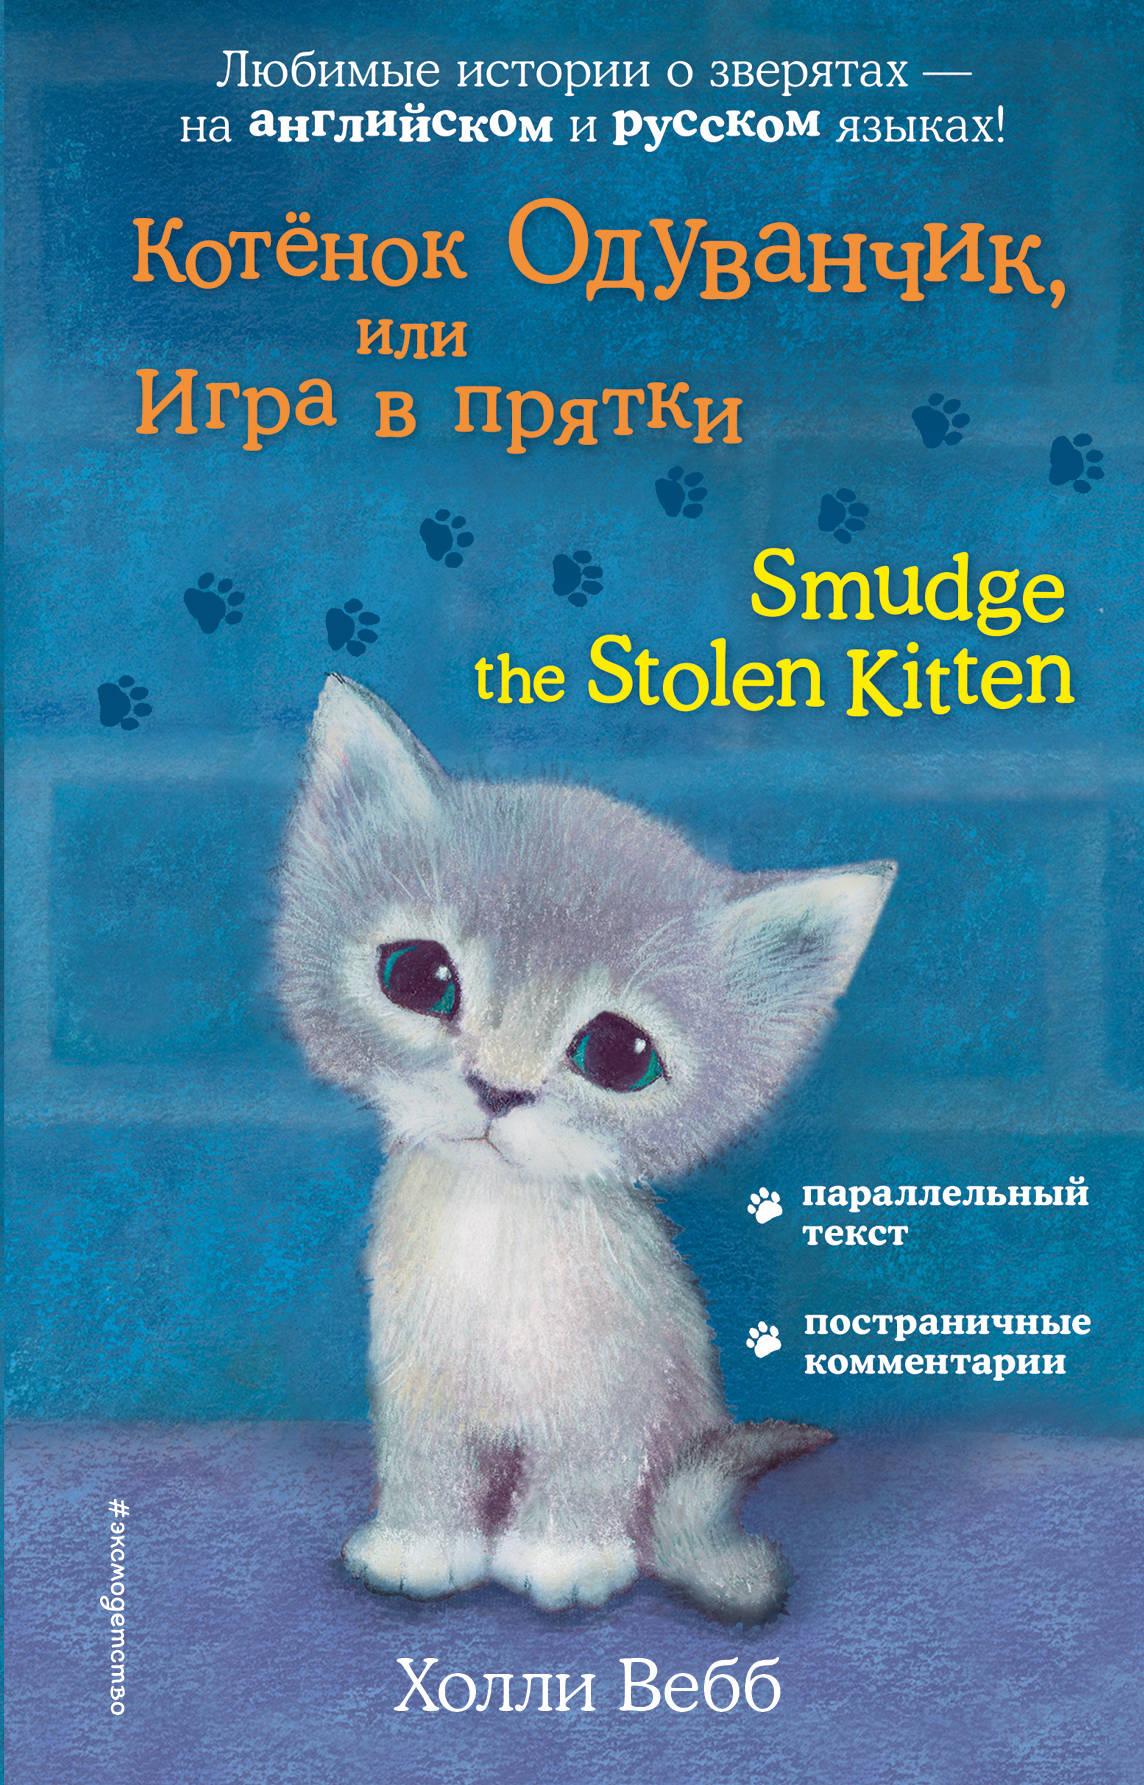 Холли Вебб Котёнок Одуванчик, или Игра в прятки / Smudge the Stolen Kitten